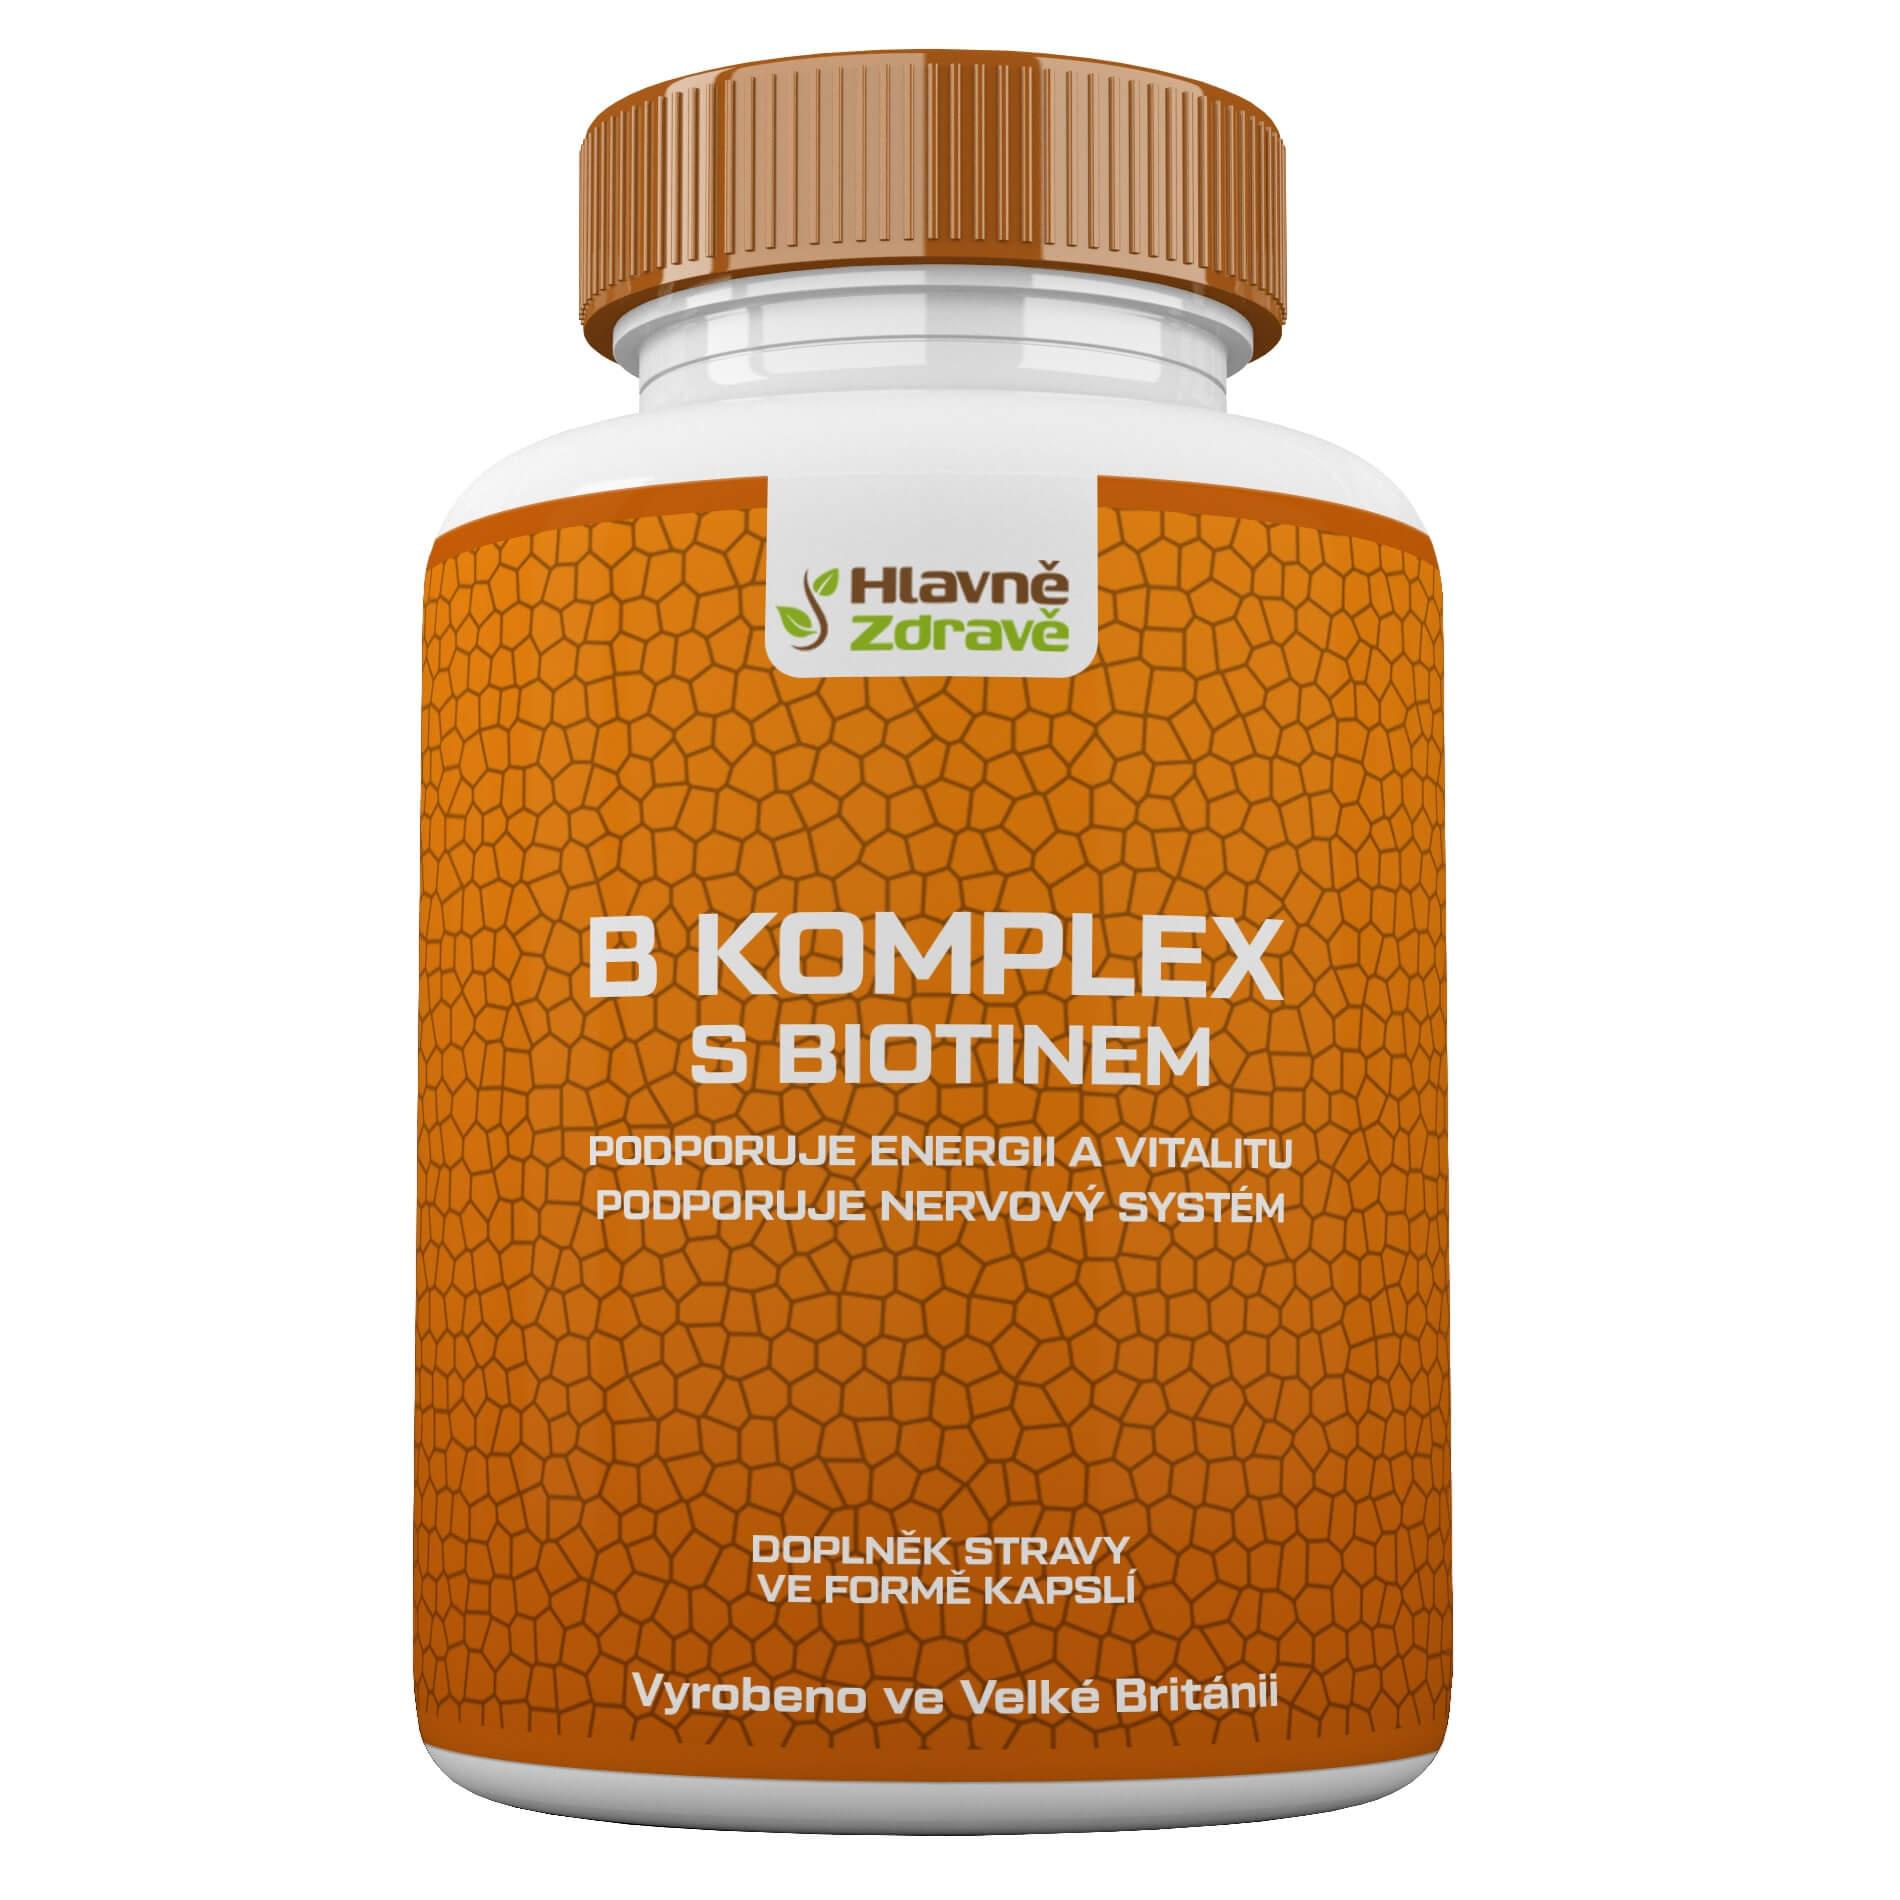 b komplex s biotinem